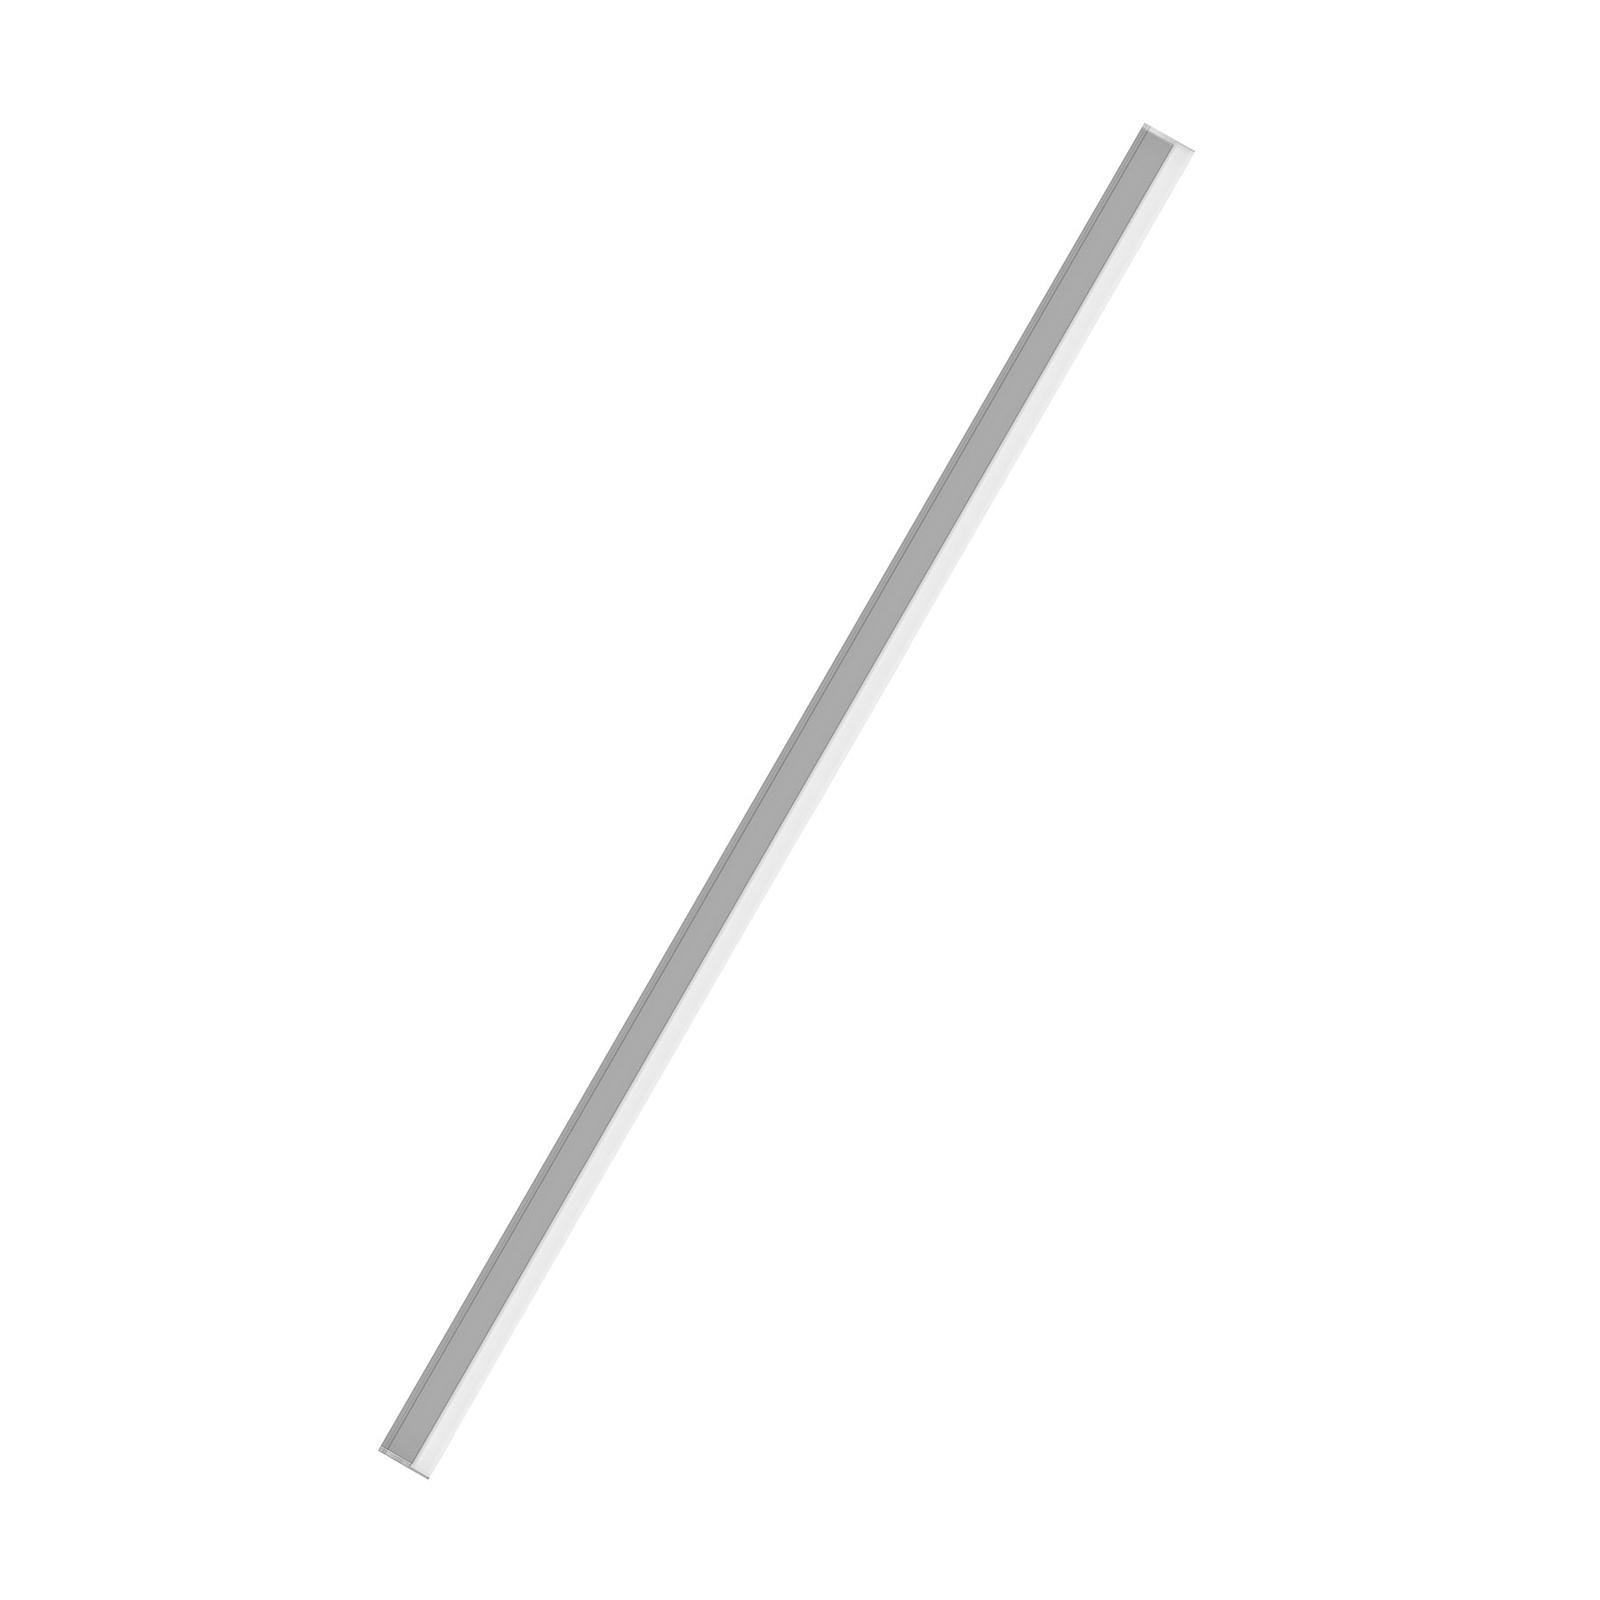 Siteco Combilite LED-N lysliste, længde 62 cm 830